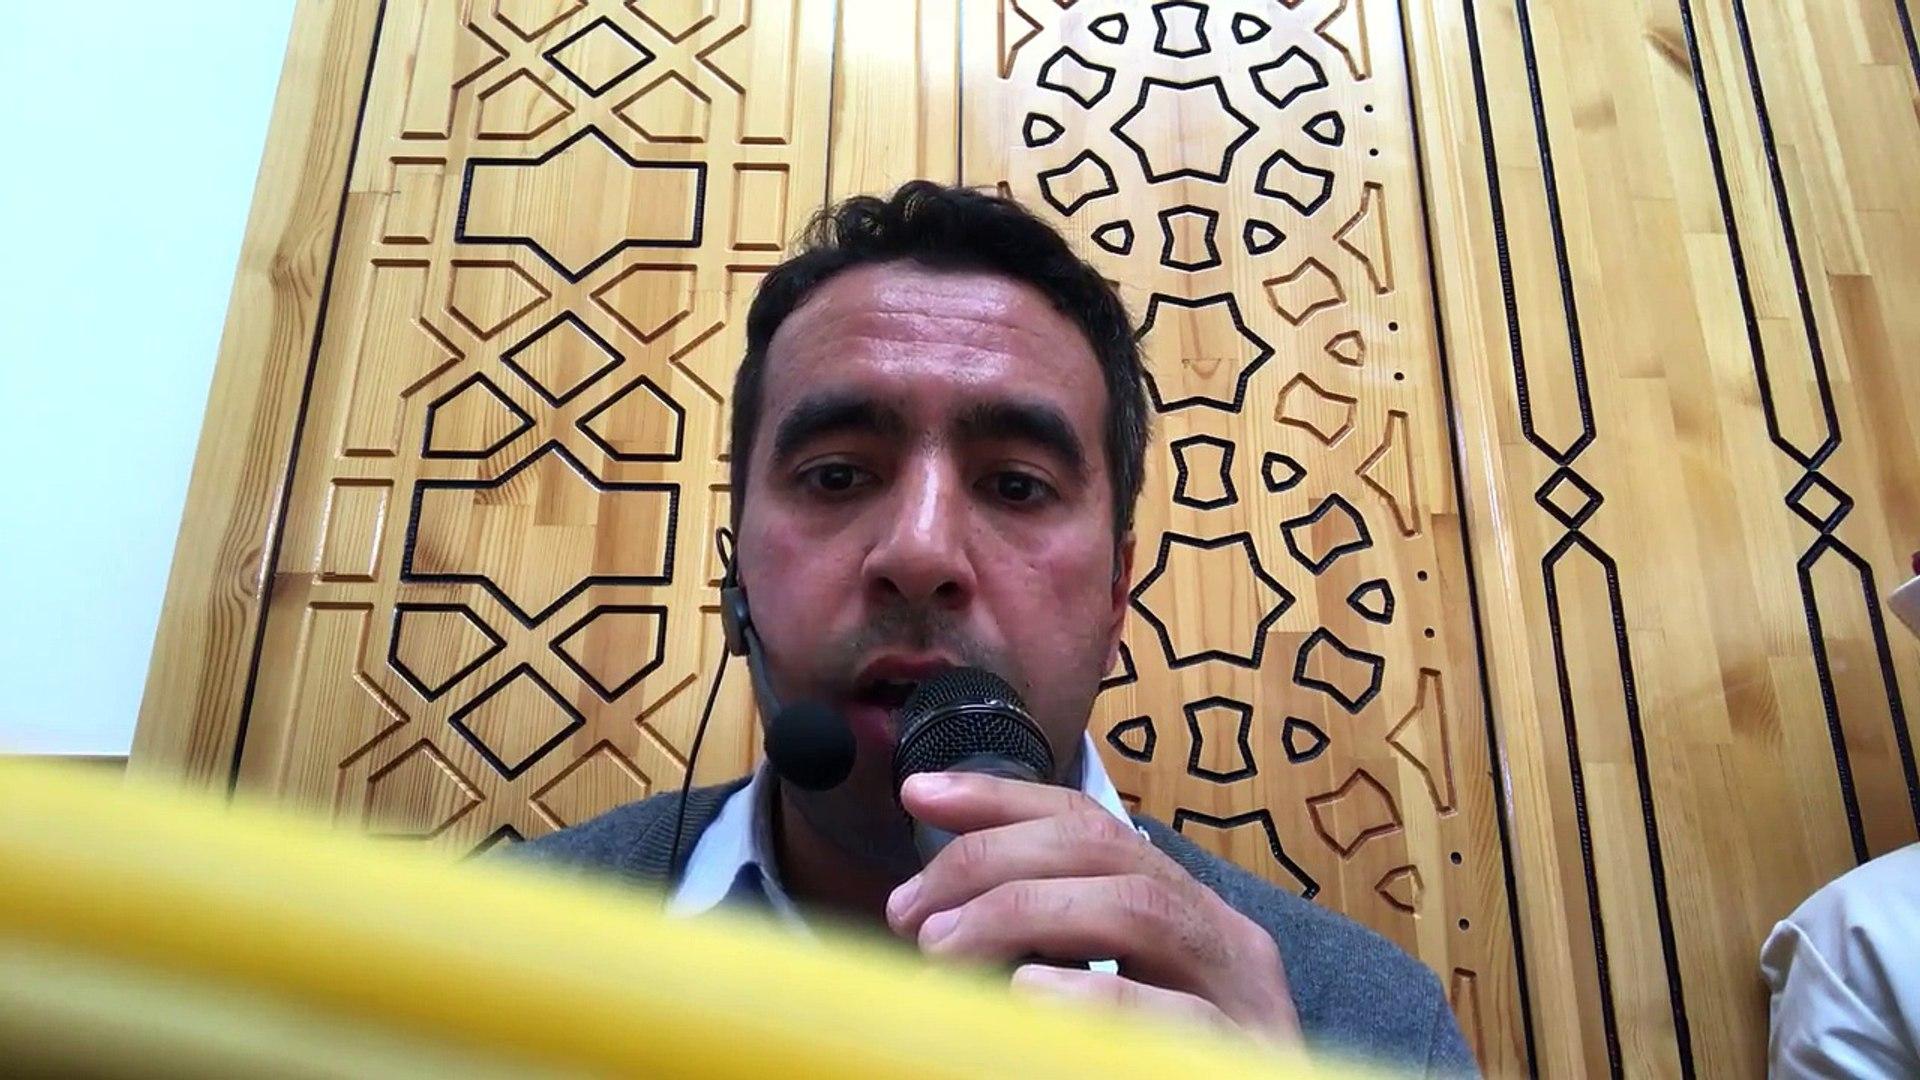 Ramazan MUKABELESI 4/5. MÜTHIS KURAN TILAVETI. HAFIZ METIN DEMIRTAS. EN GÜZEL KURAN OKUYANLAR. DAHA